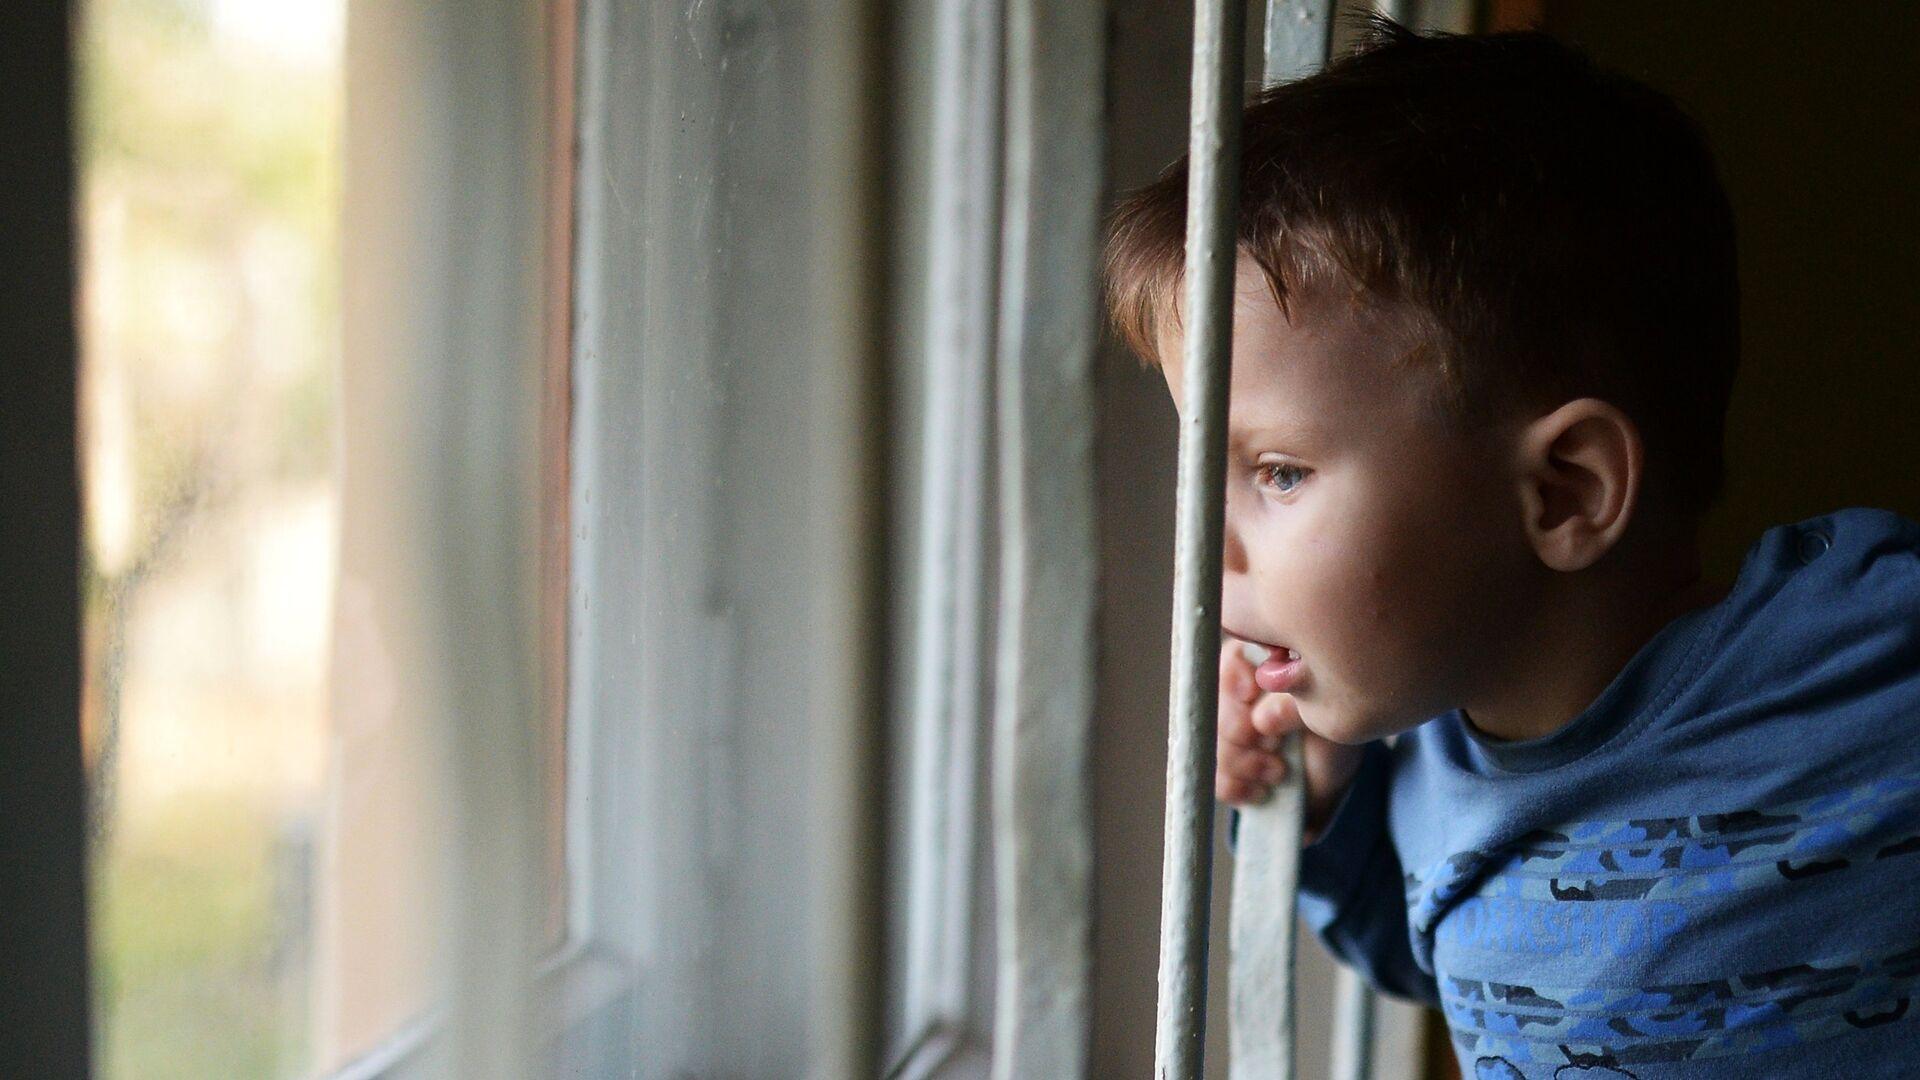 Воспитанник детского дома смотрит в окно - Sputnik Латвия, 1920, 08.07.2021